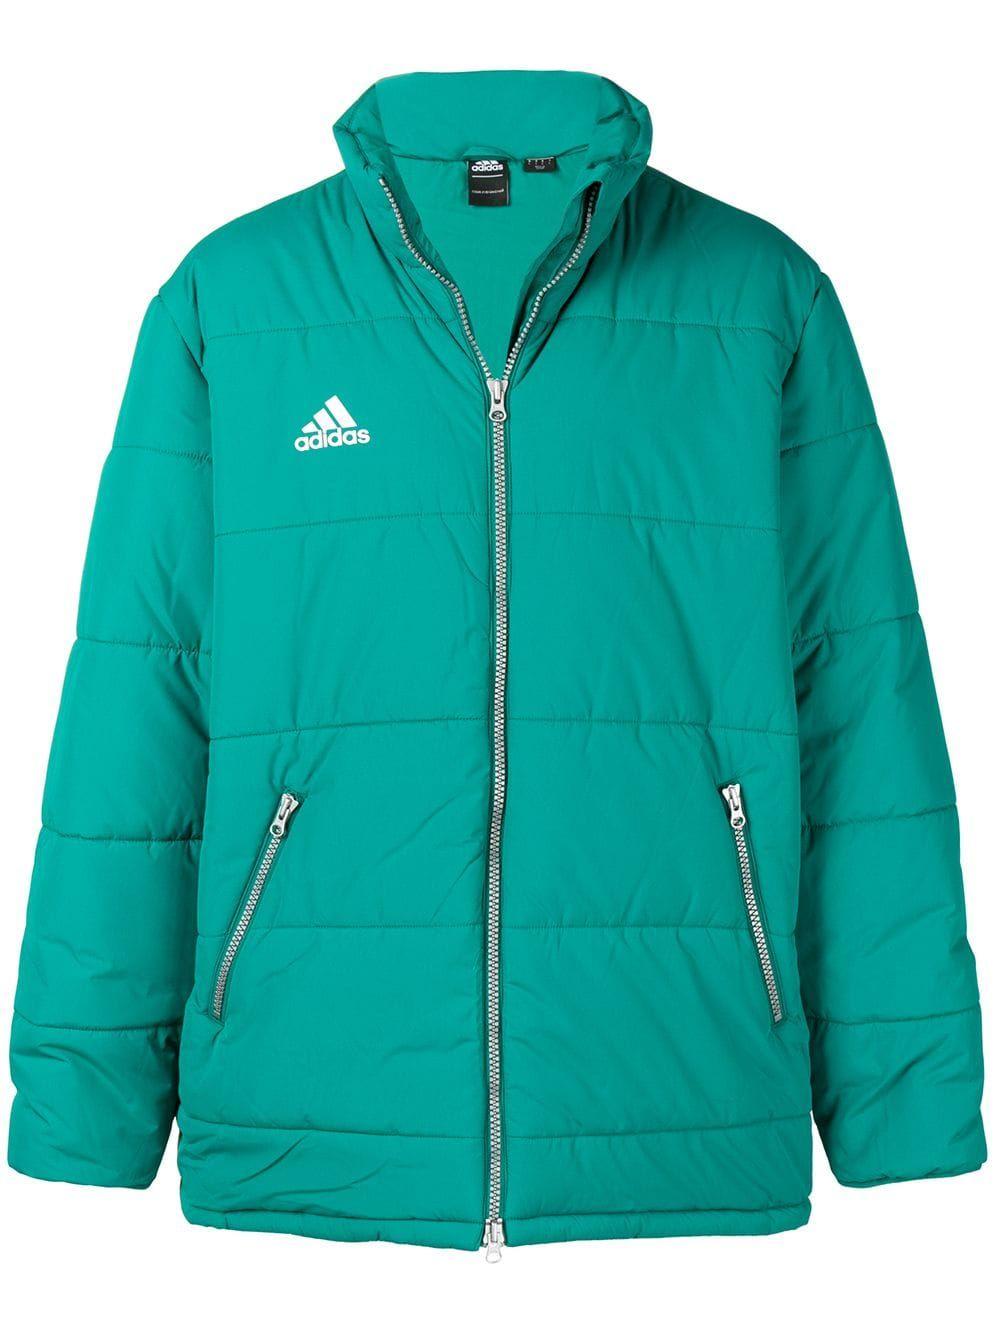 Gosha Rubchinskiy Gosha Rubchinskiy X Adidas Padded Jacket Jackets Padded Jacket Green Jacket